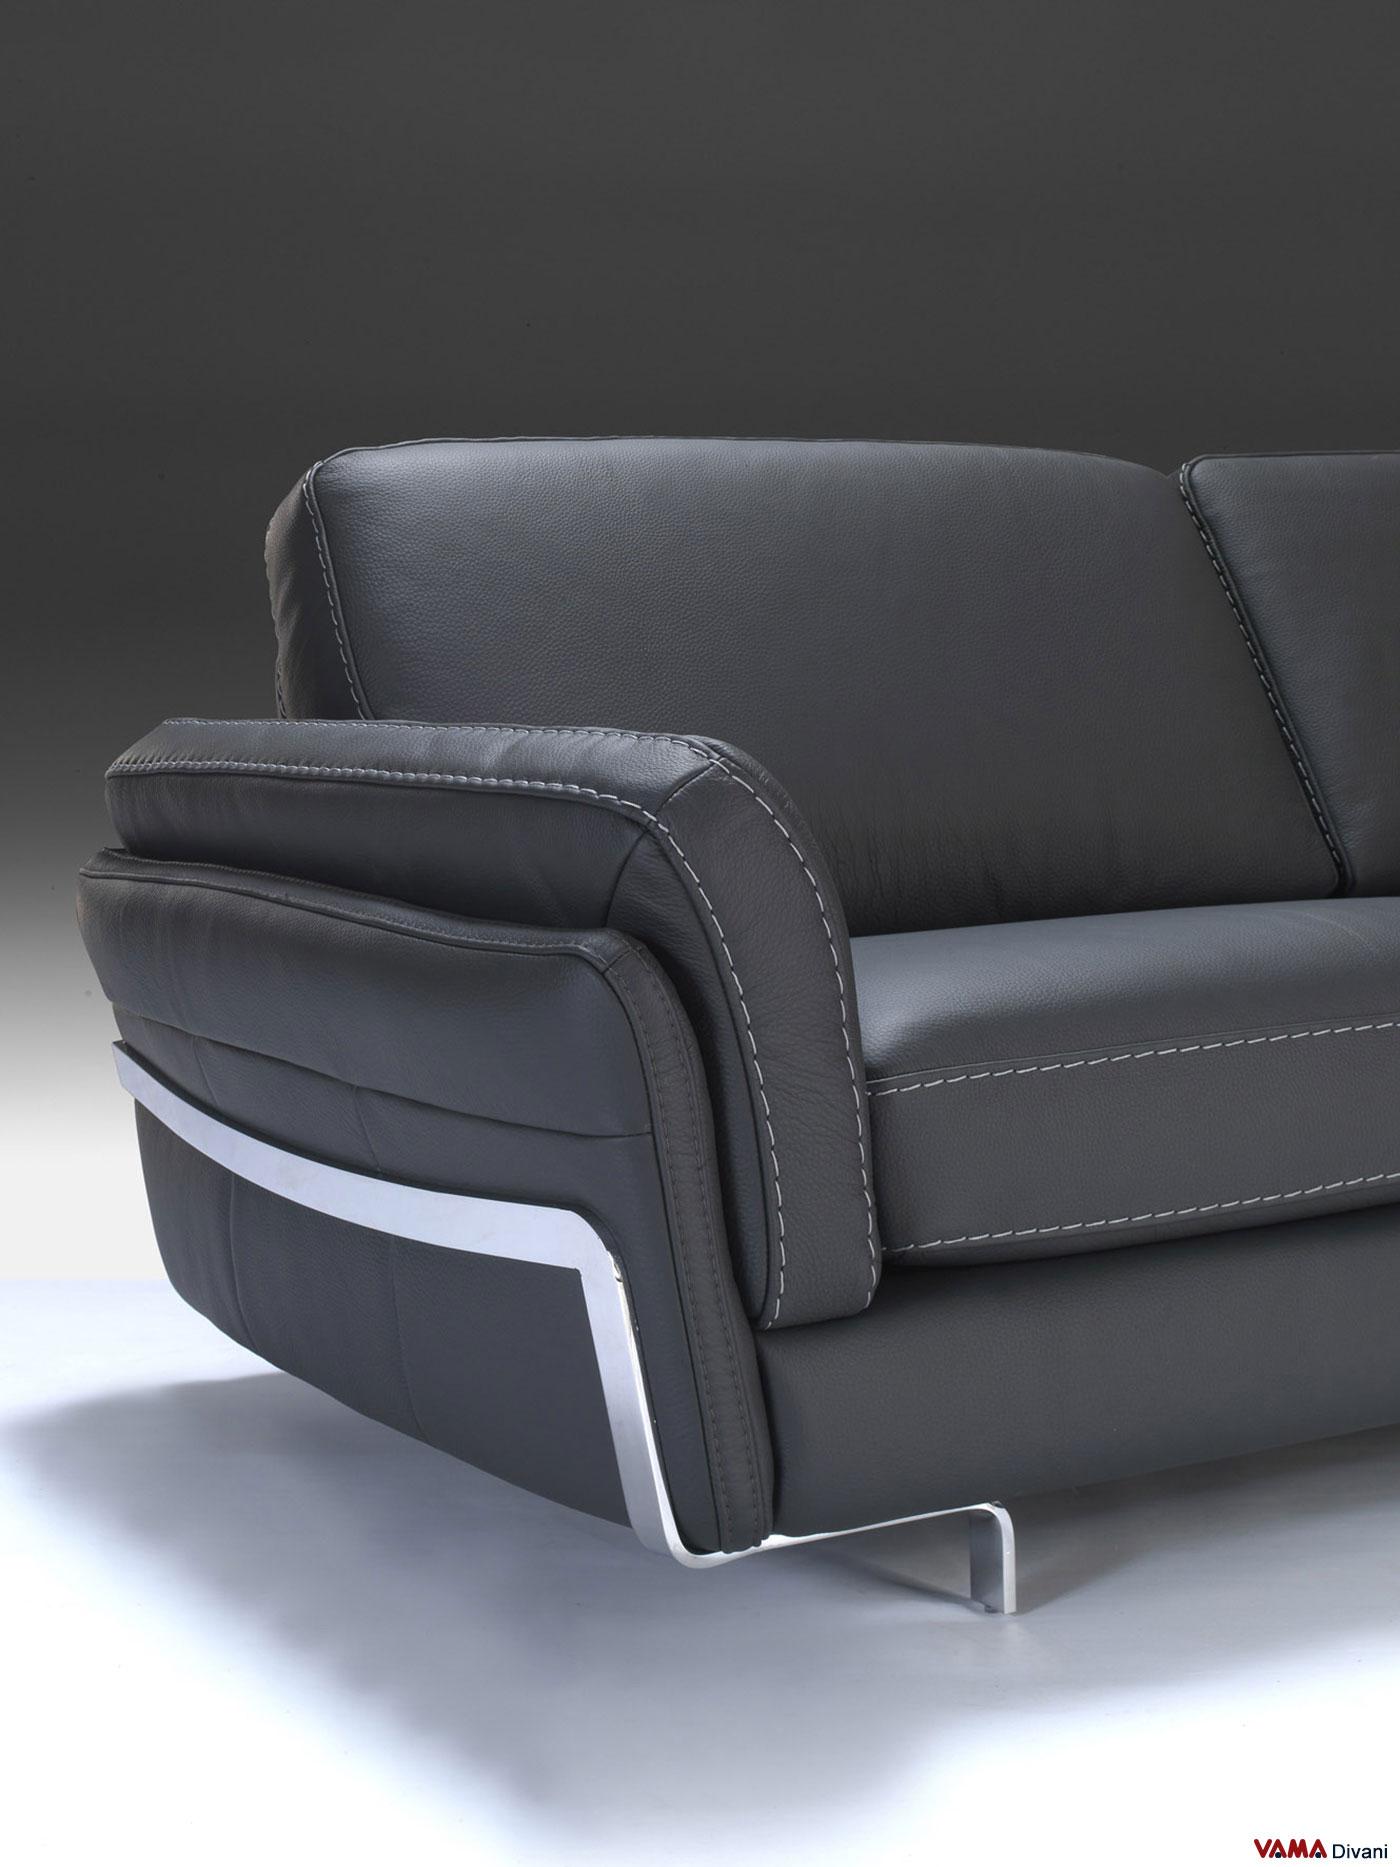 Divano angolare in vera pelle nera lineare e moderno - Copridivano angolare per divano in pelle ...